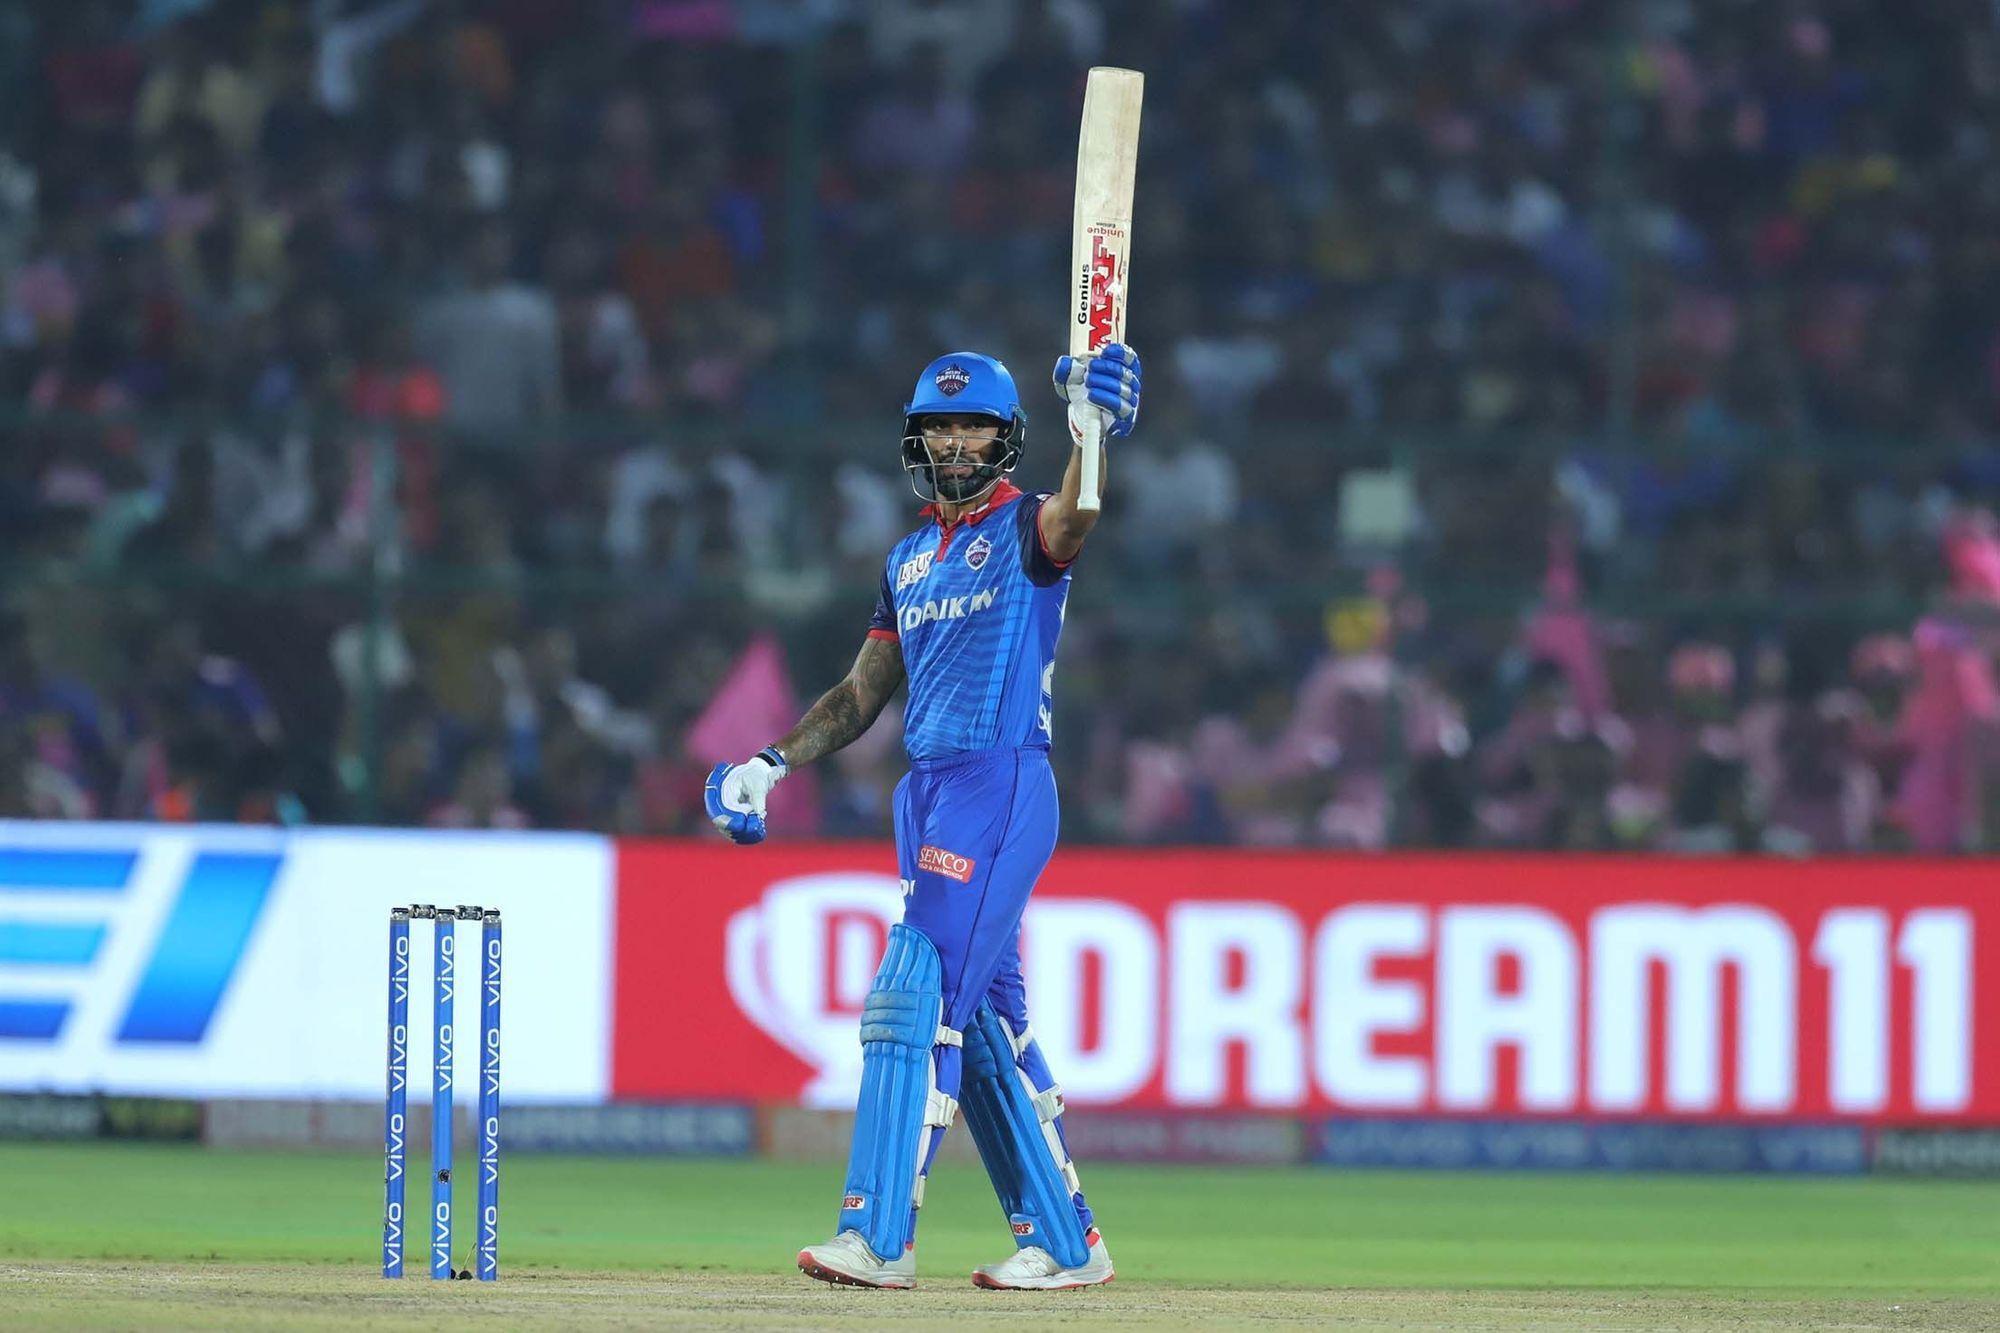 आईपीएल 2019 : दिल्ली कैपिटल्स के सीनियर खिलाड़ी ने गुस्से में खोया अपना आपा, ऋषभ पंत को मारी गेंद! 3